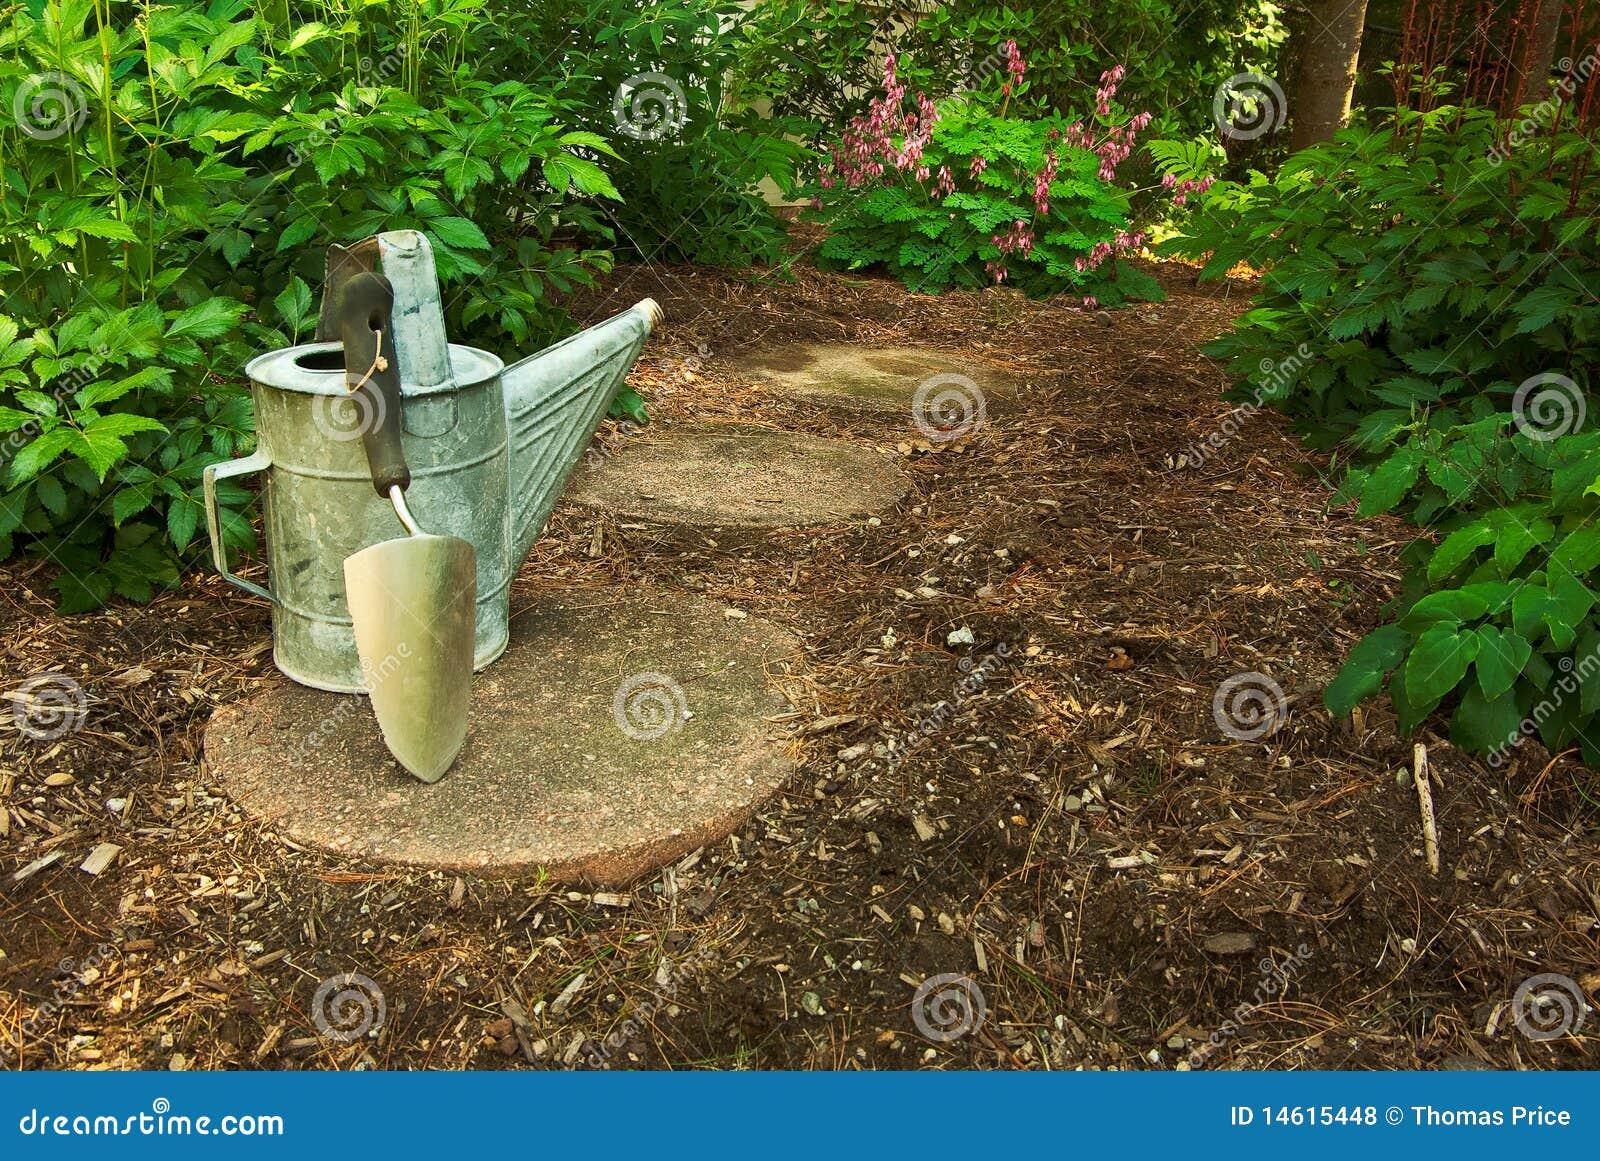 能从事园艺老修平刀浇灌